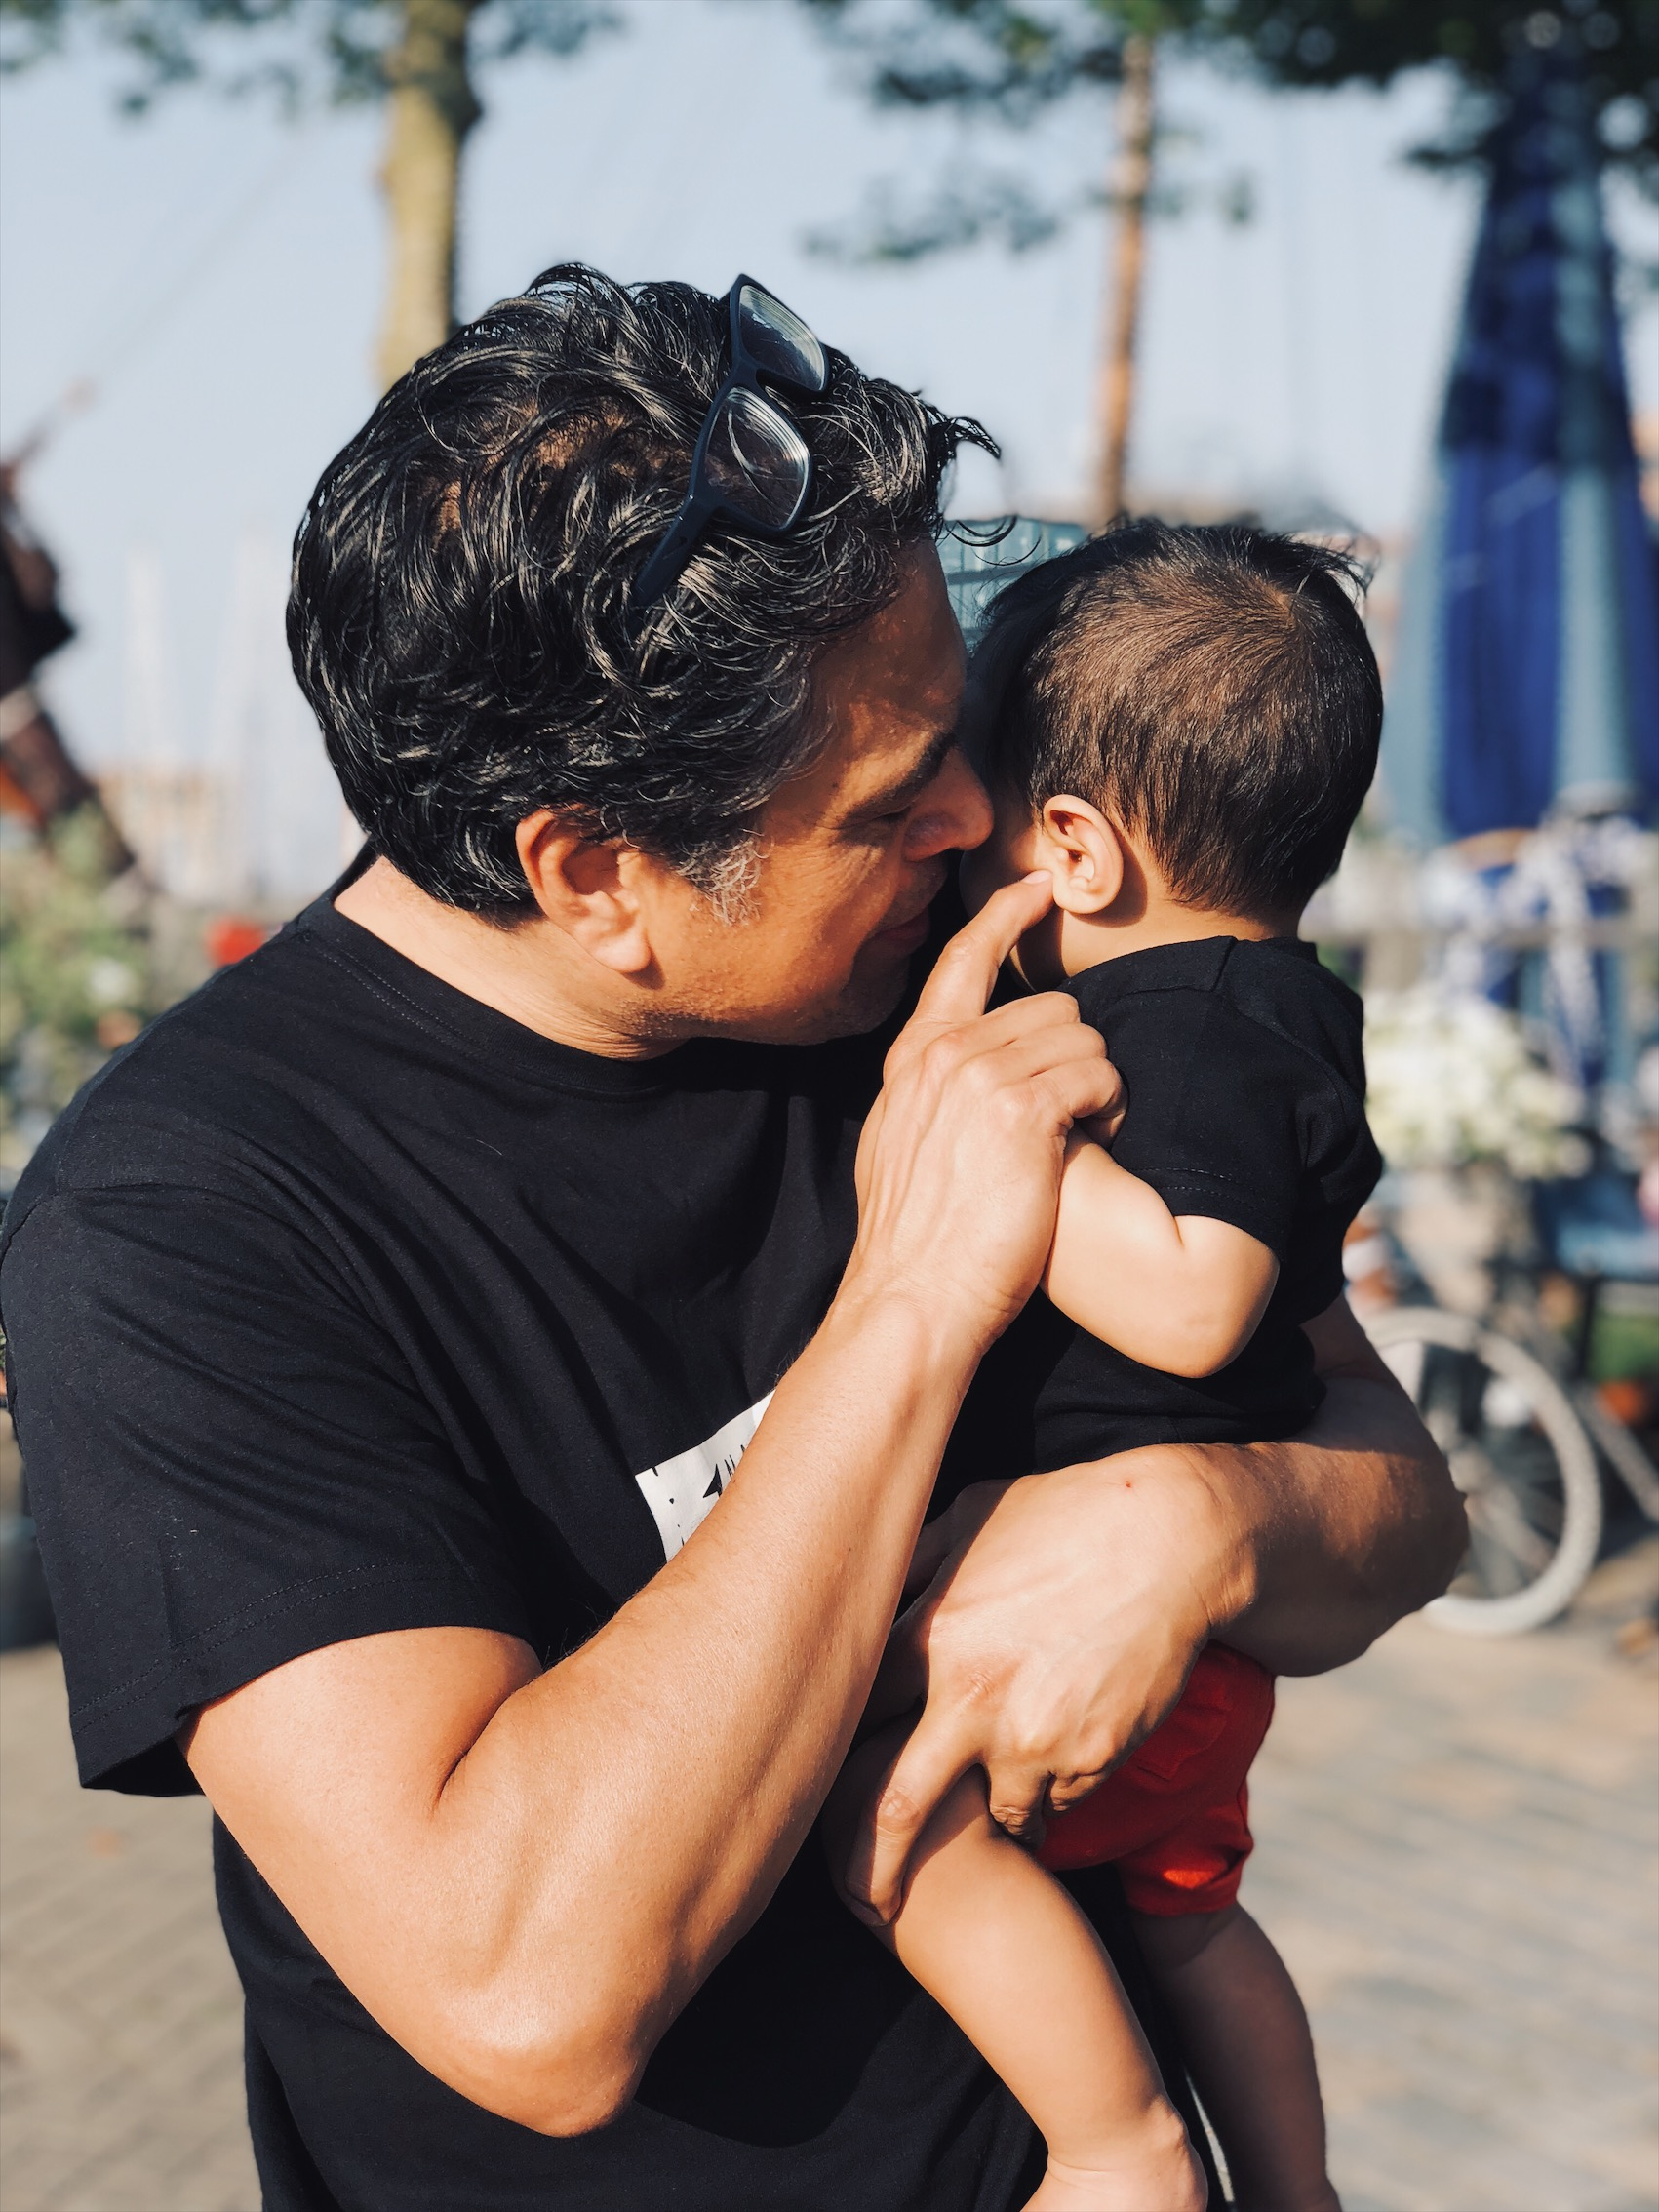 Cadeautjes voor papa, tips voor zijn verjaardag & vaderdag